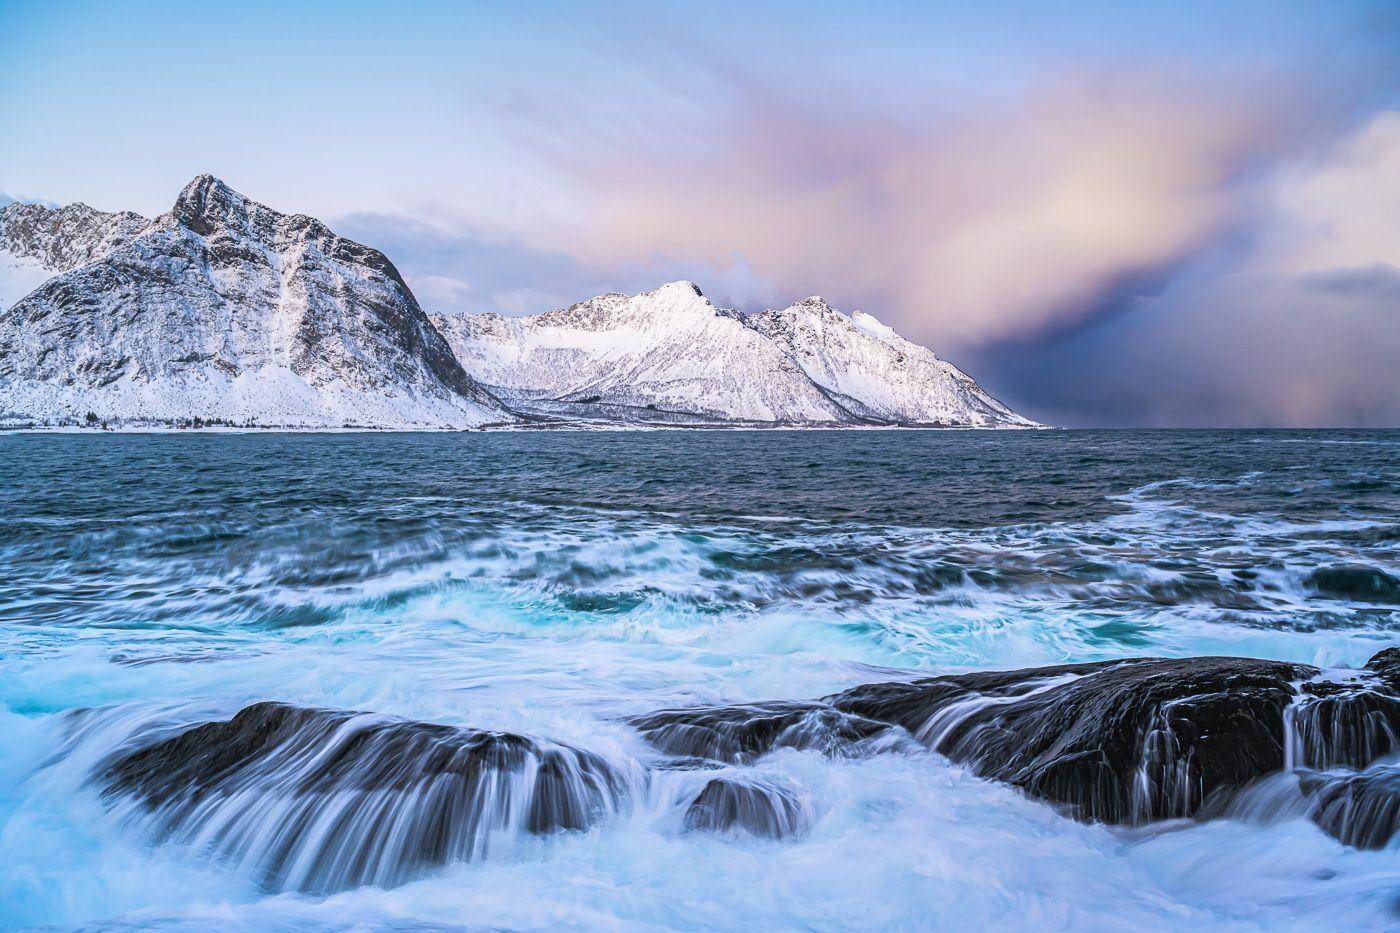 Jahresrückblick 2020 - Februar - Brandung und aufziehender Schneesturm in Norwegen